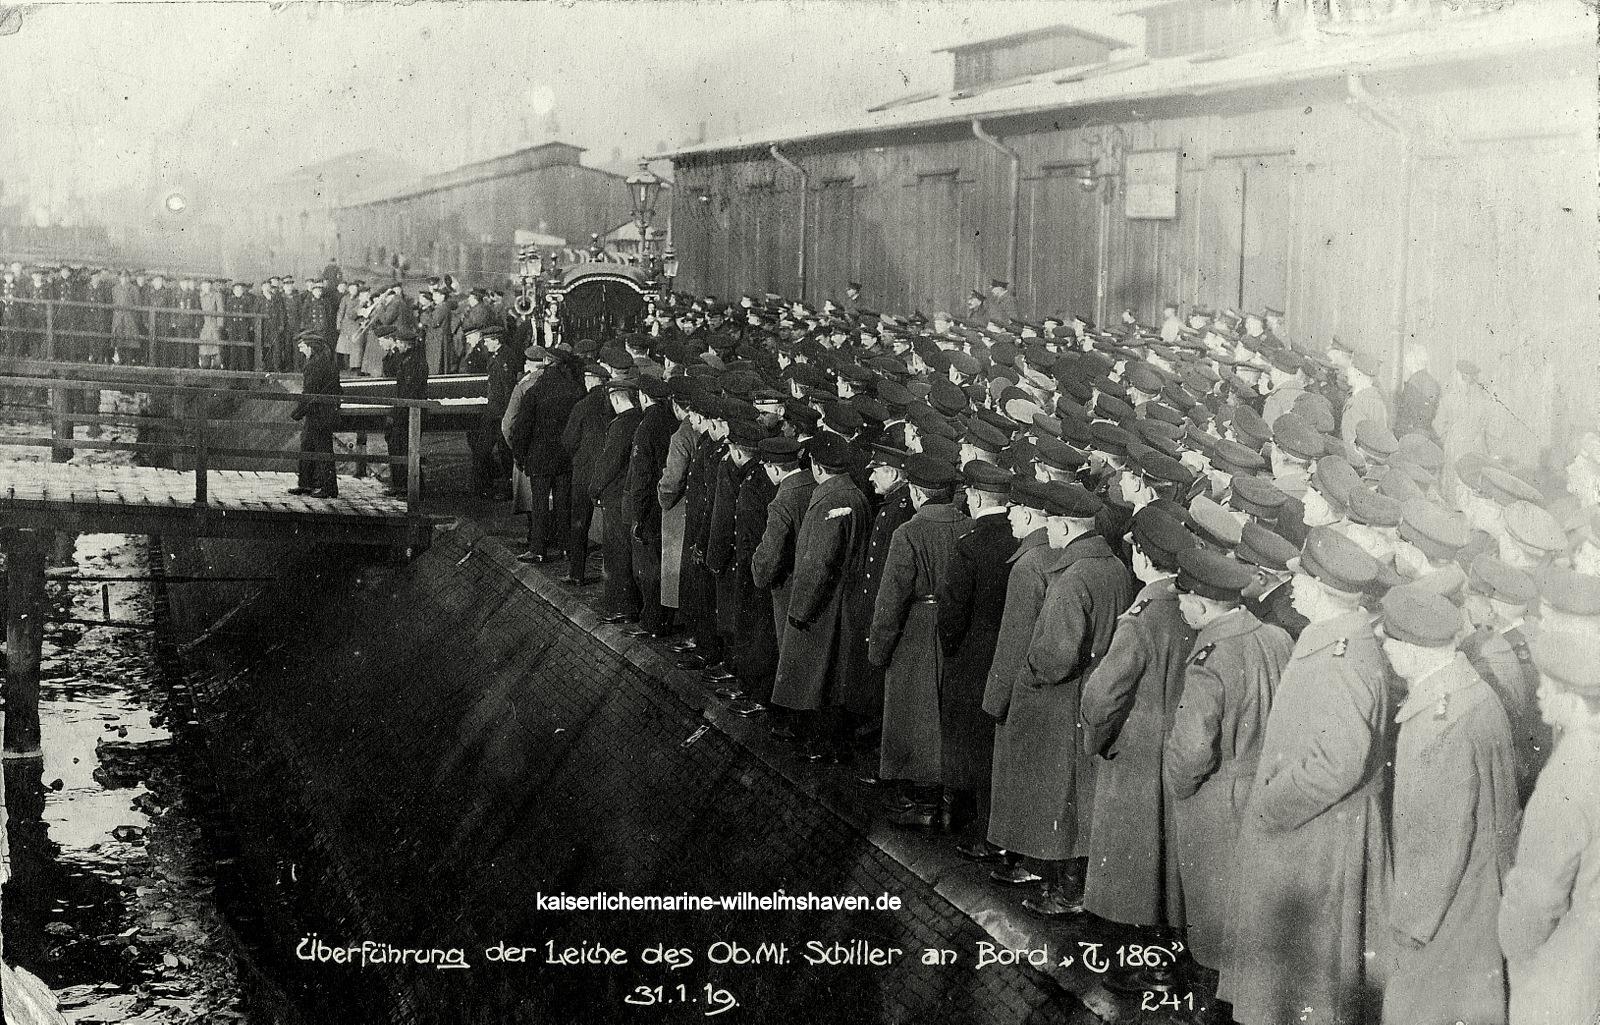 An der Gazellebrücke (Bontekai): Der Leichnam des Torpedo-Oberbootsmannsmaaten Albert Schiller wird zur Überführung in seine Heimat an Bord von T 186 geschafft.